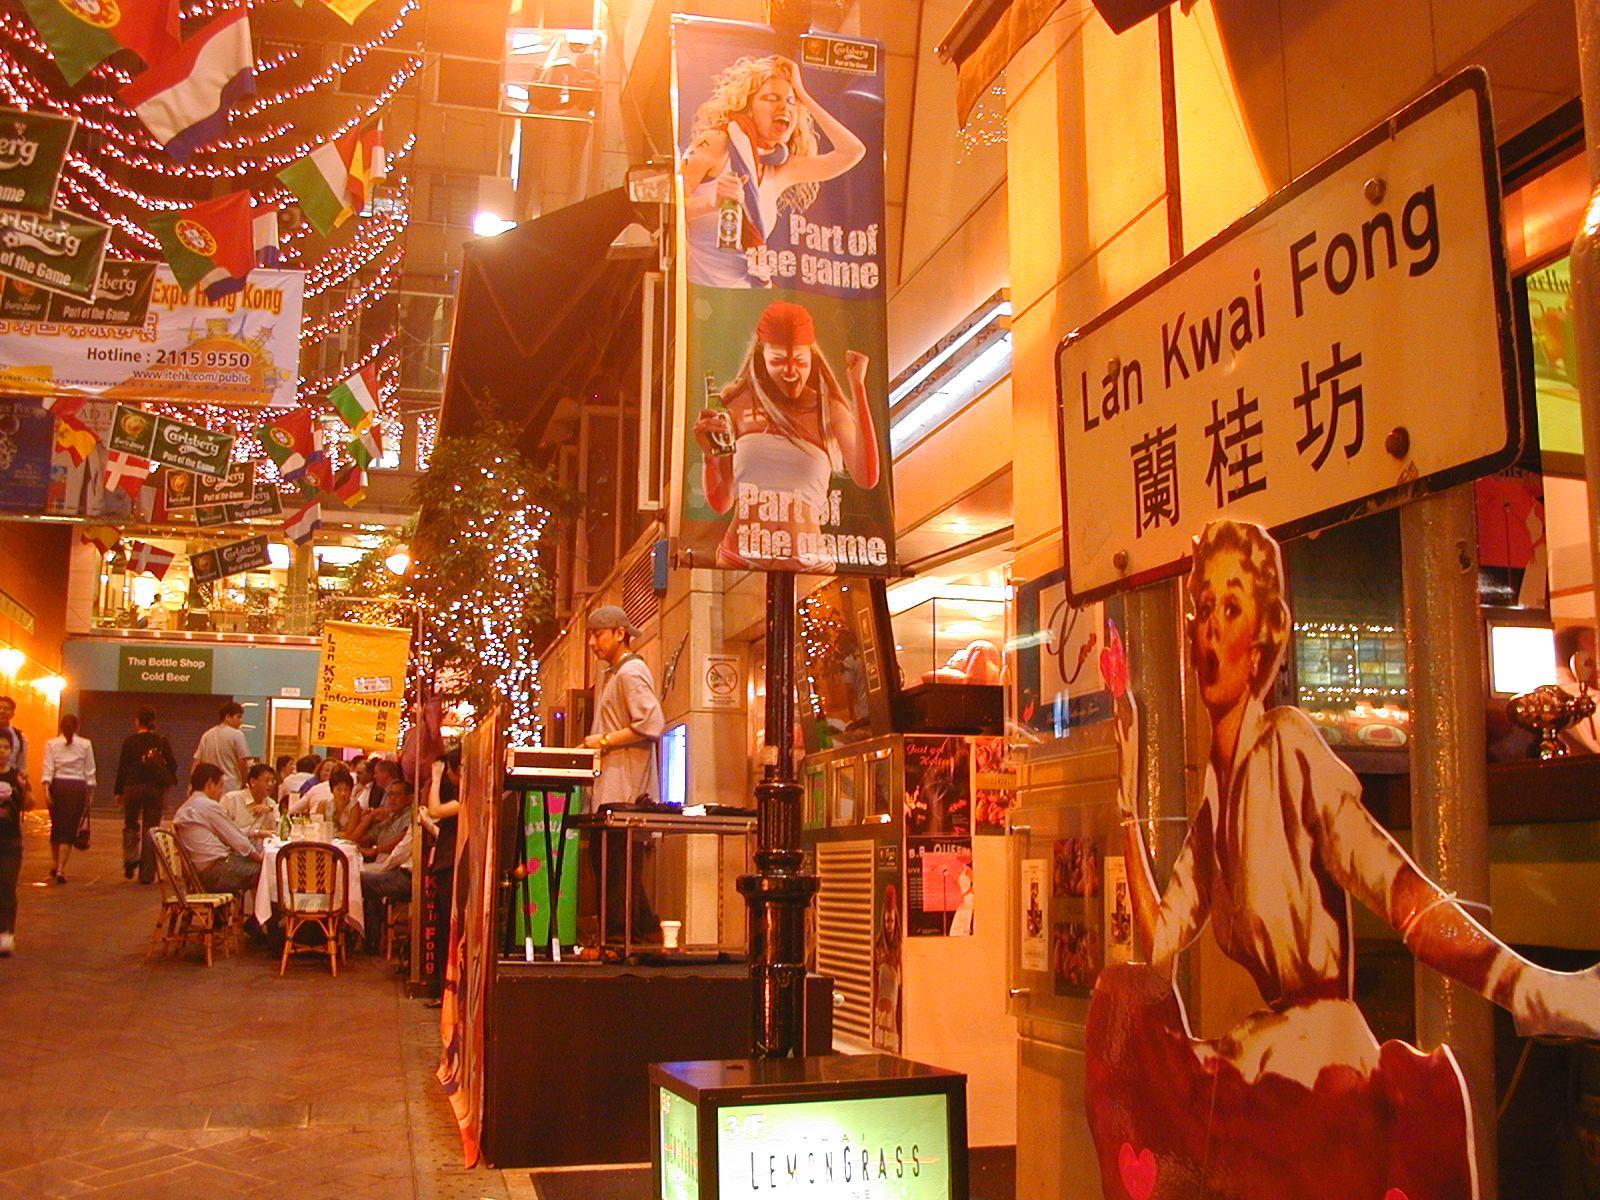 địa điểm du lịch cuối năm: Lan Kwai Fong.